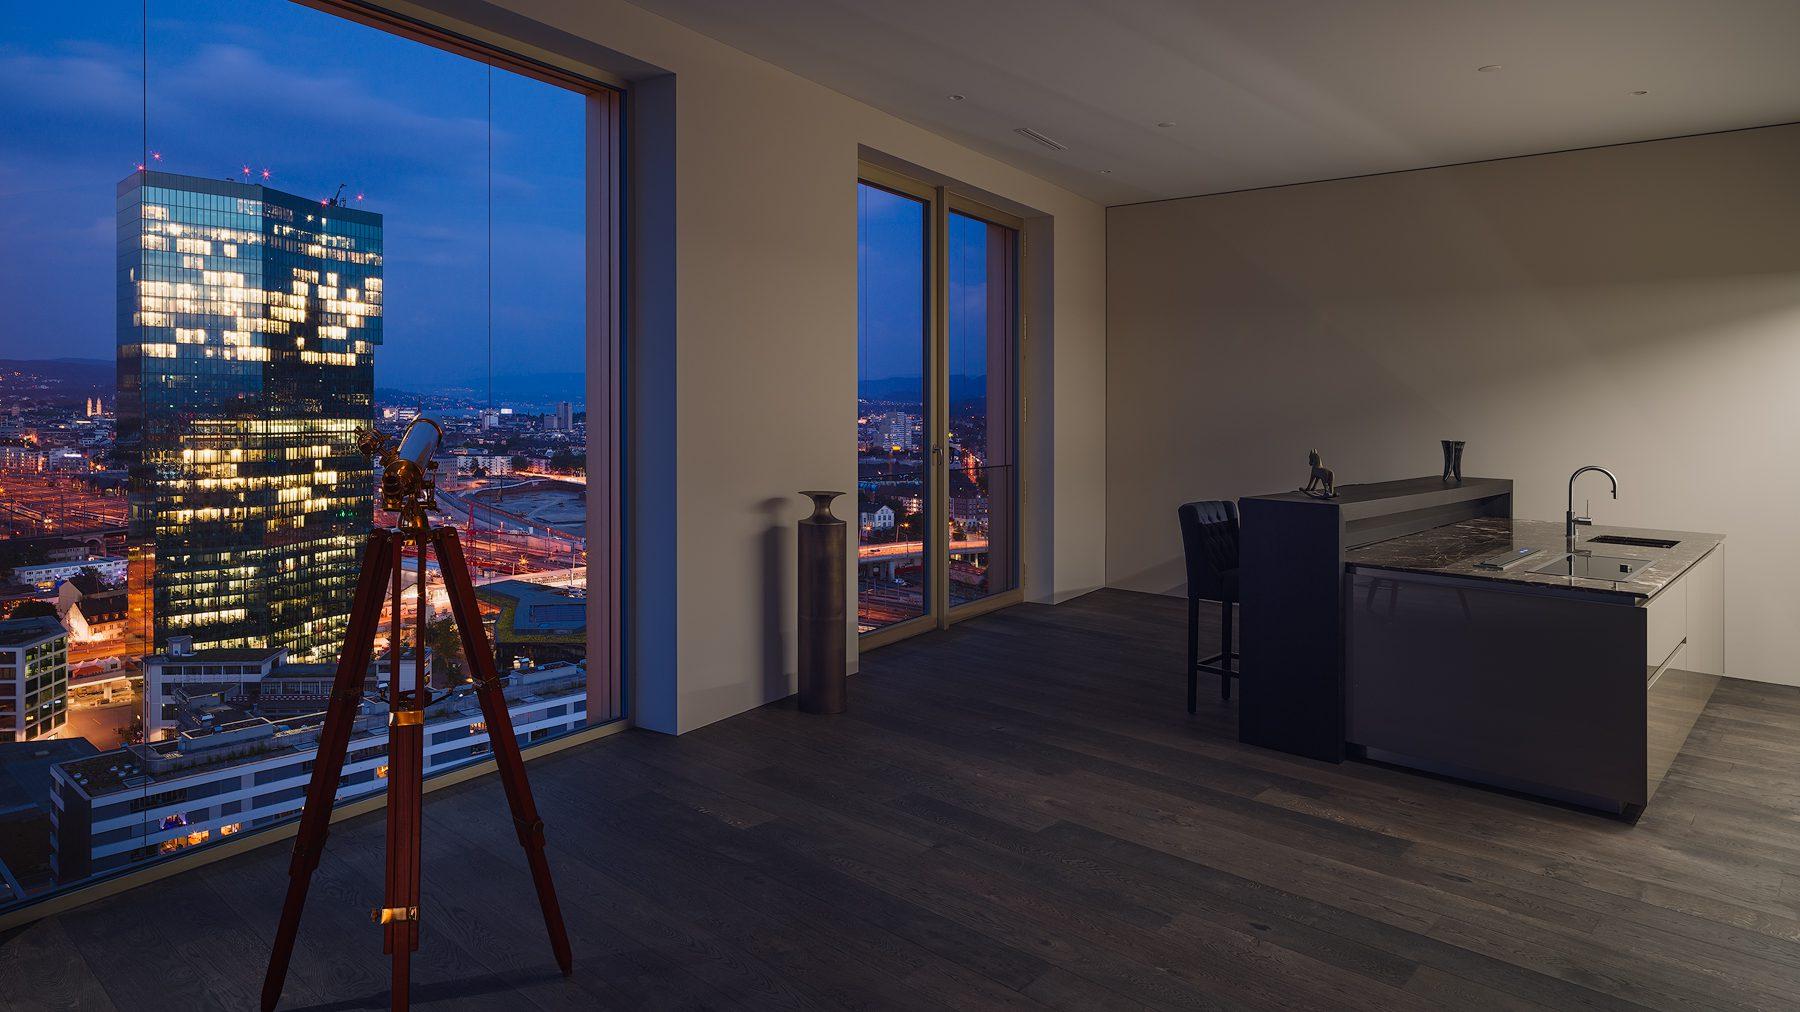 Penthouse - Mobimo Tower - Zürich - Wohnzimmer / Küchensicht